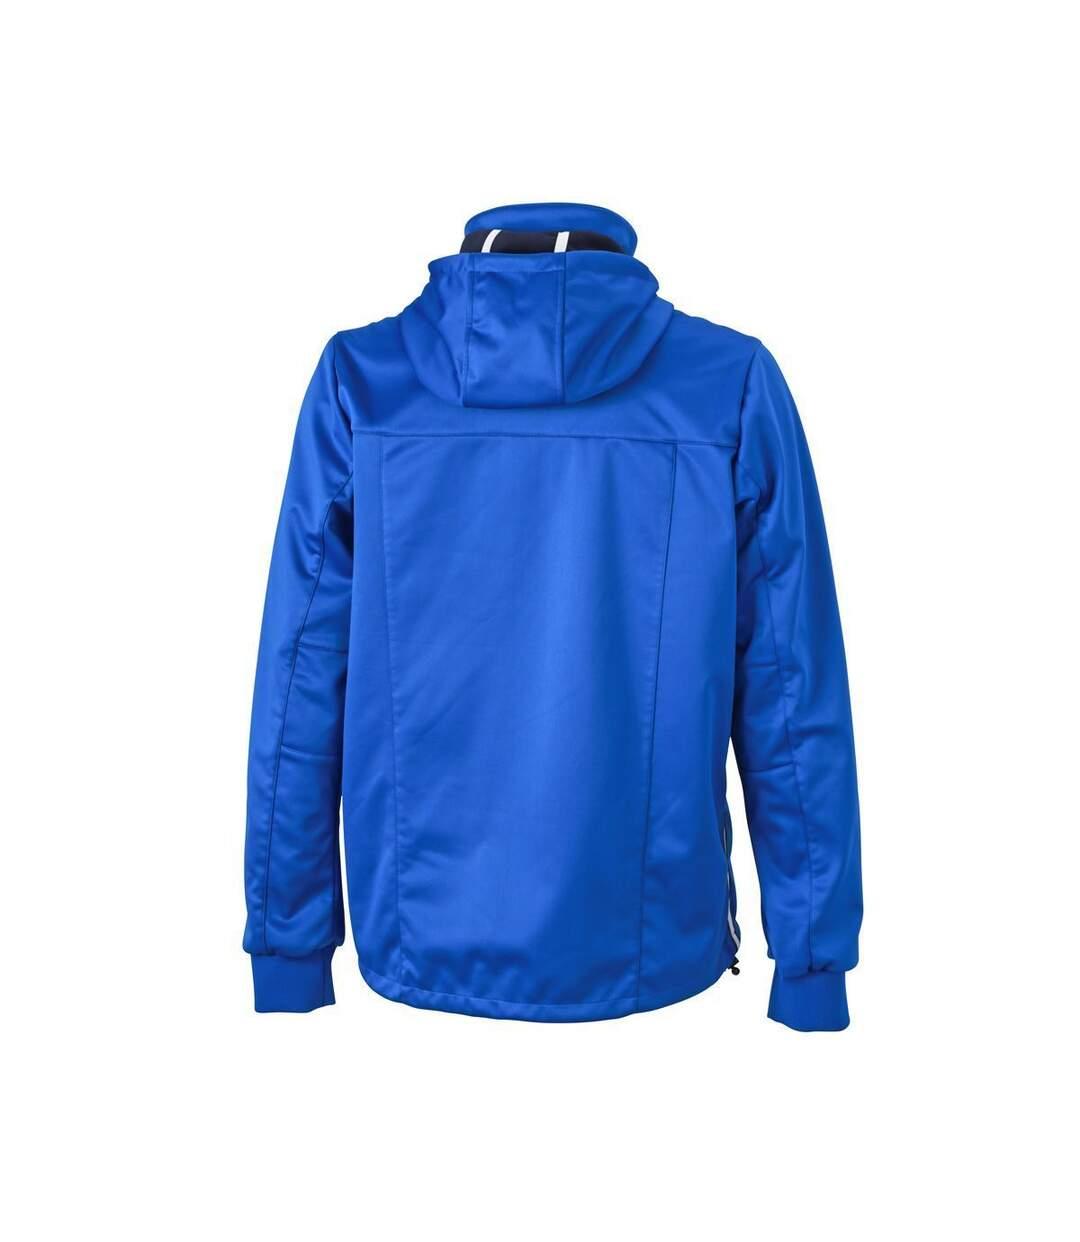 Veste softshell à capuche - homme JN1078 - bleu nautique - coupe-vent imperméable